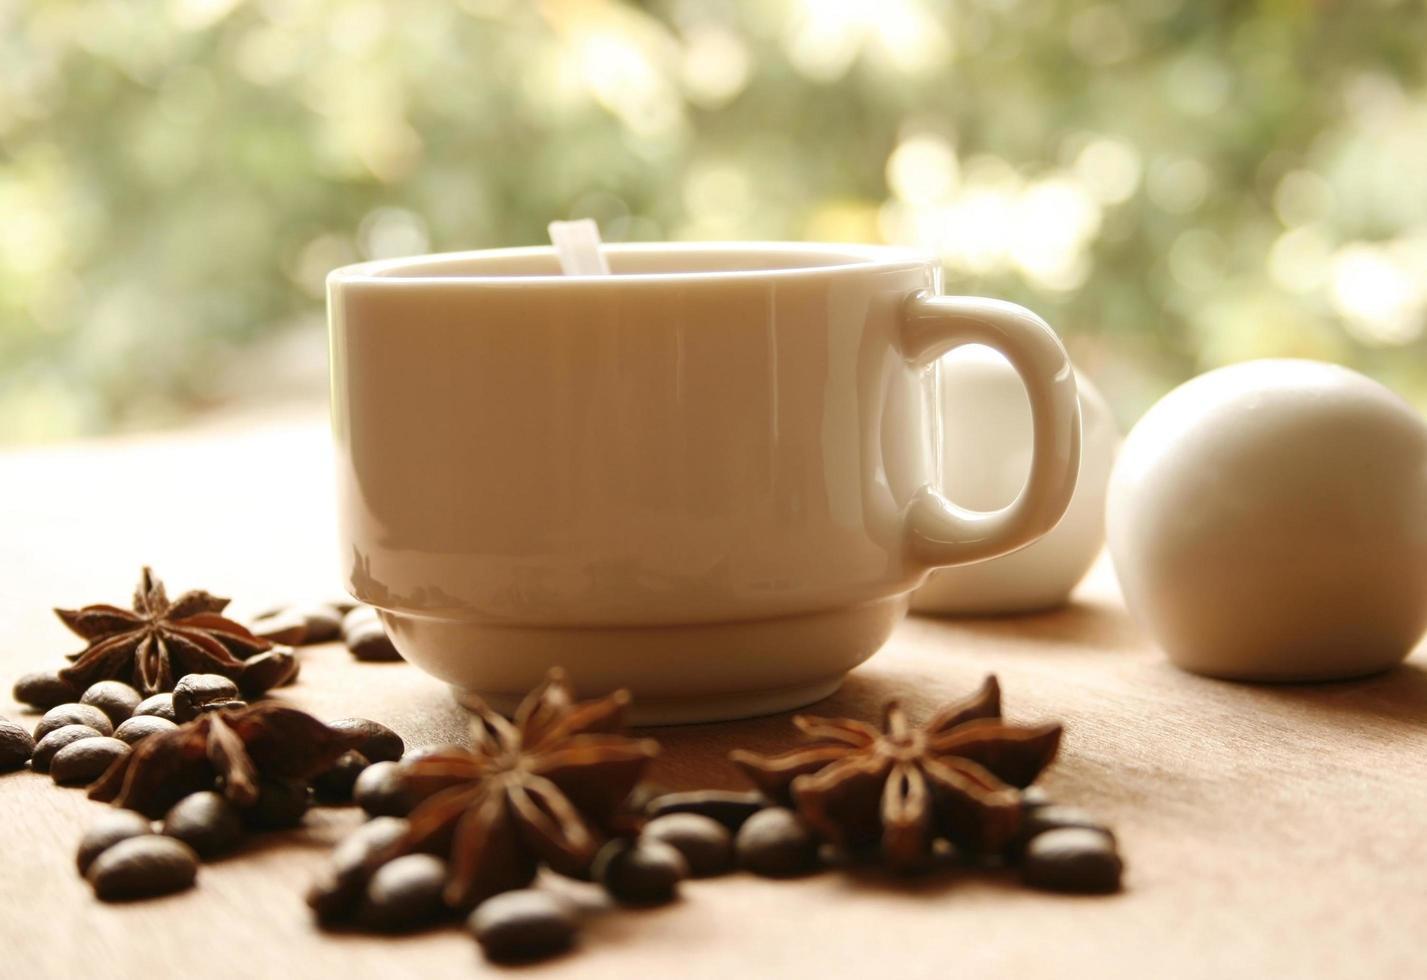 Kaffee mit Anis foto